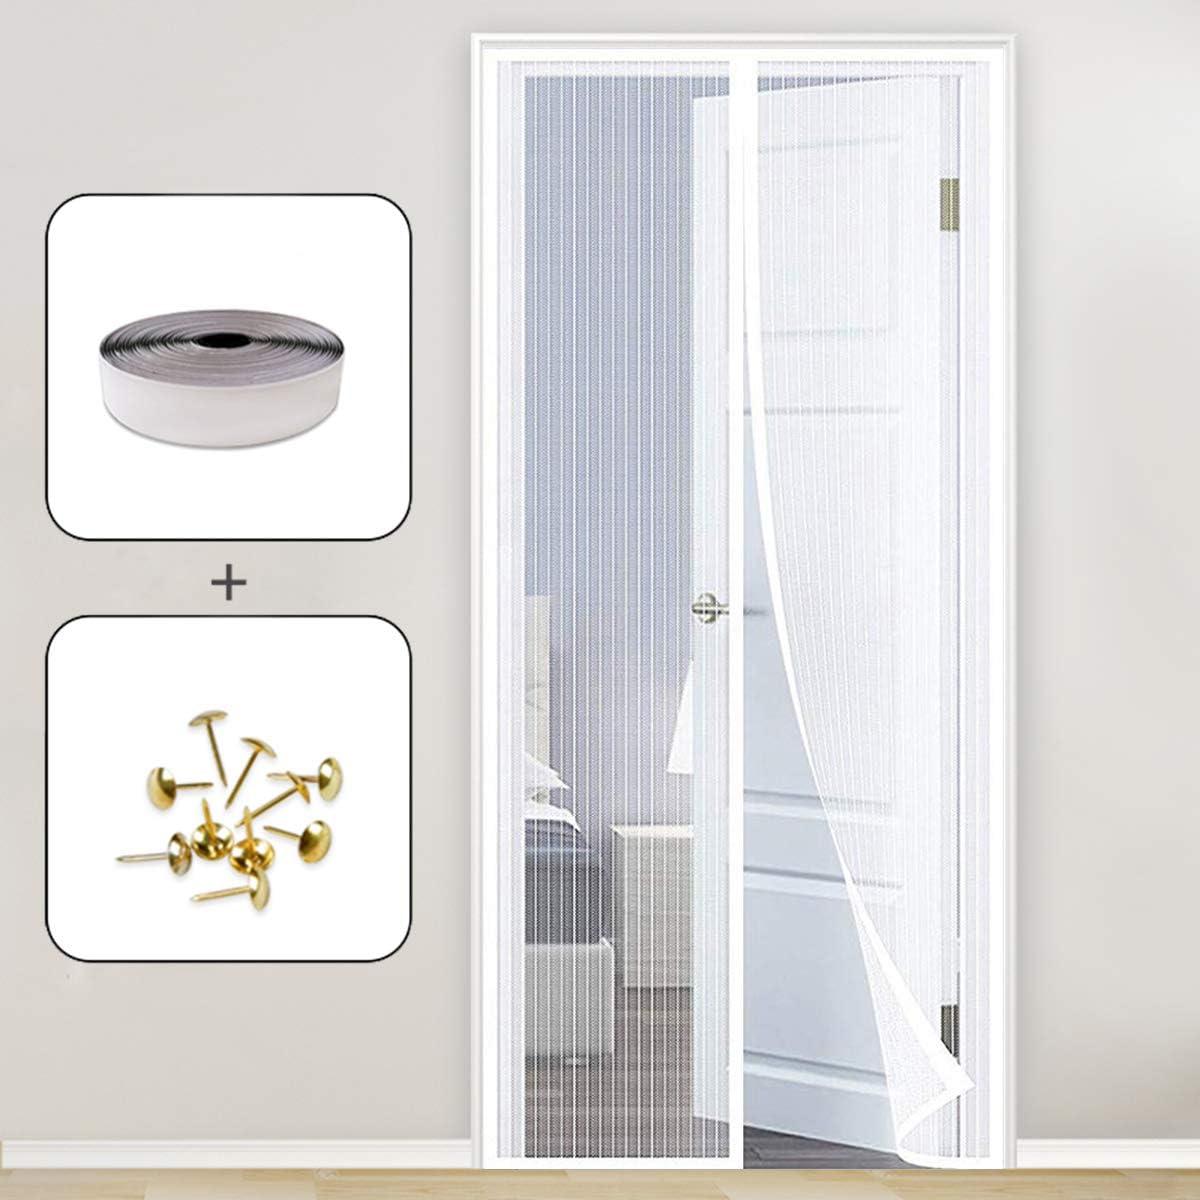 GOUDU Mosquitera Puerta Magnetica, 70x200cm Cortina Puerta Exterior Magnética Automático con Durable para Puertas Correderas/Balcones/Terraza, Blanco A